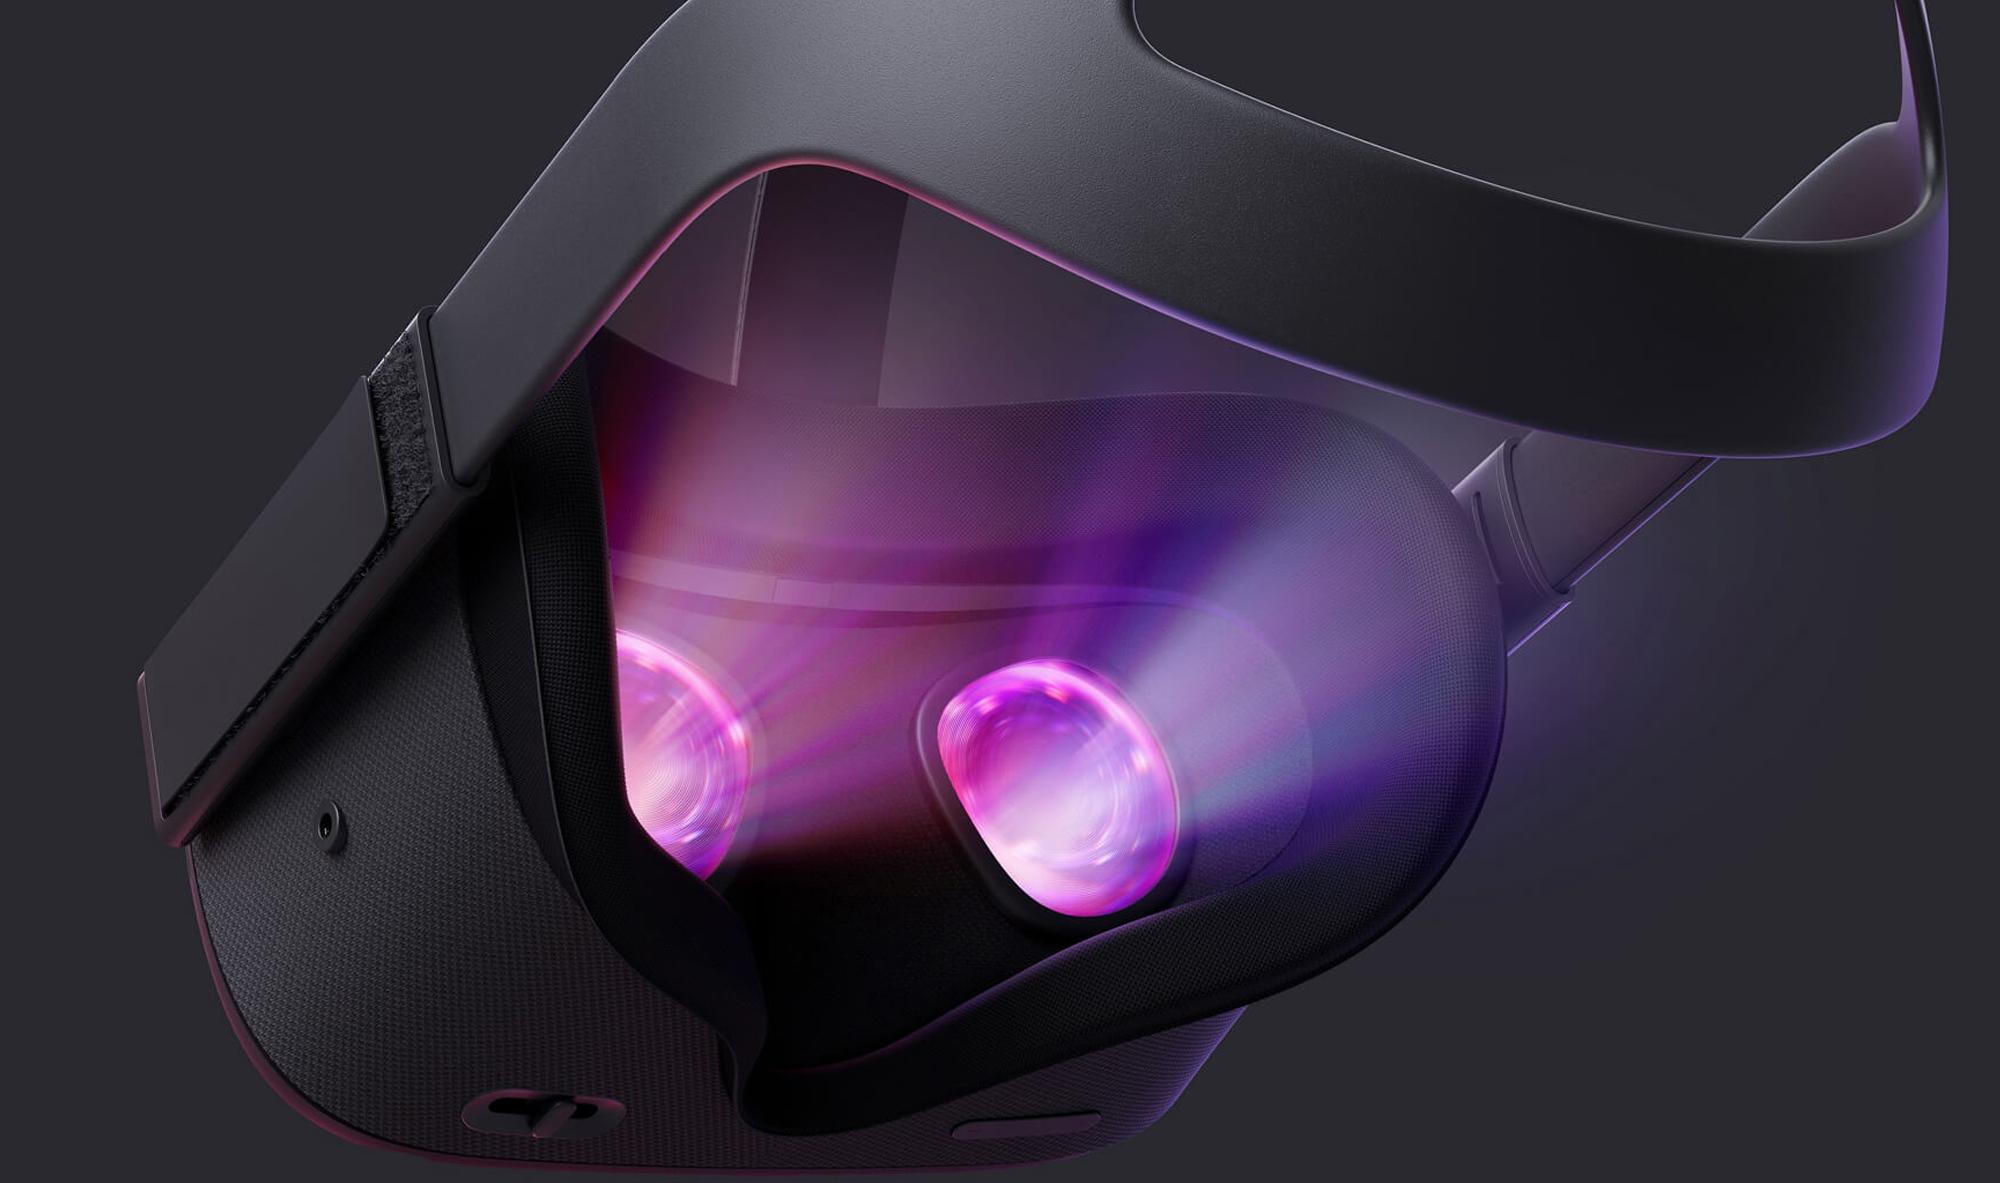 Oculus Quest a noleggio